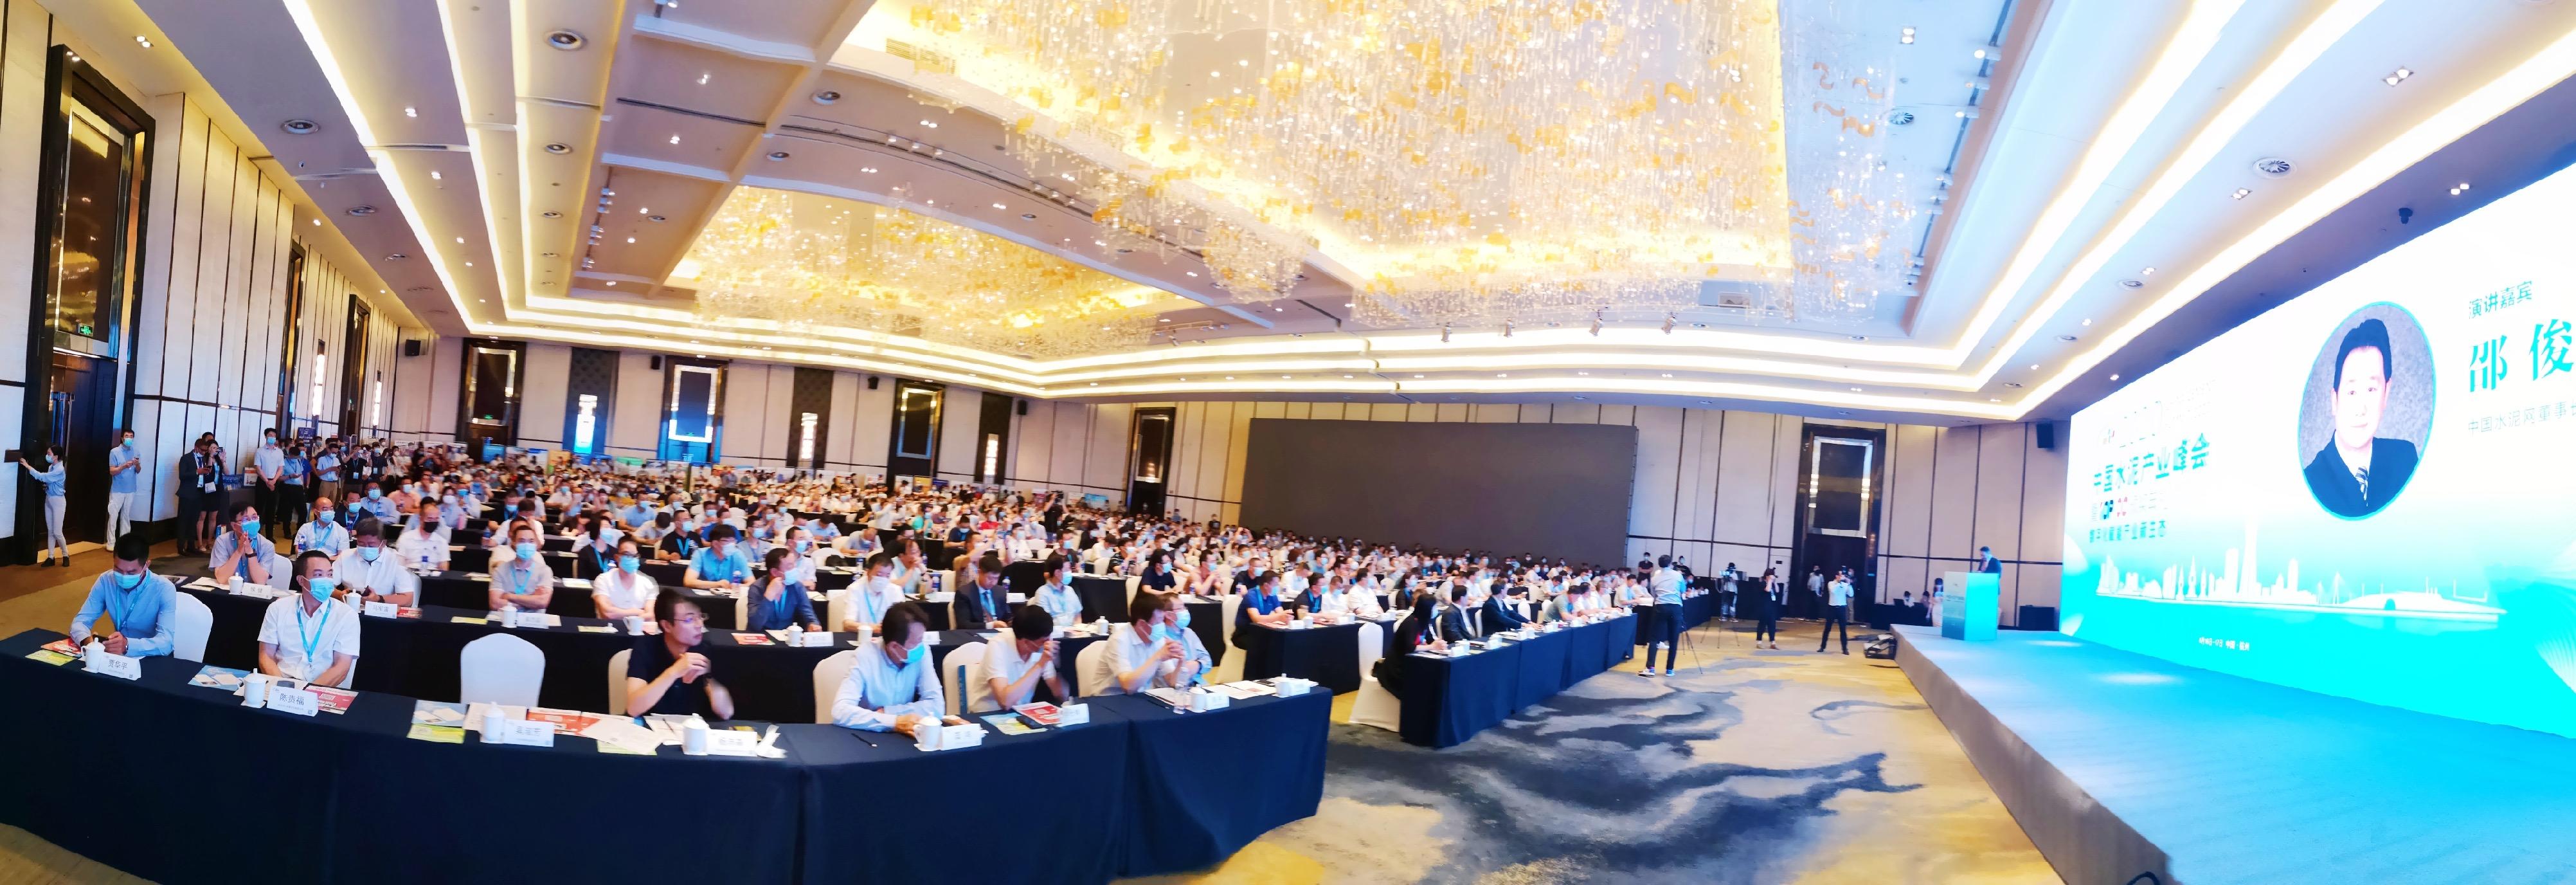 【快讯】矩阵软件参加2020中国水泥产业峰会